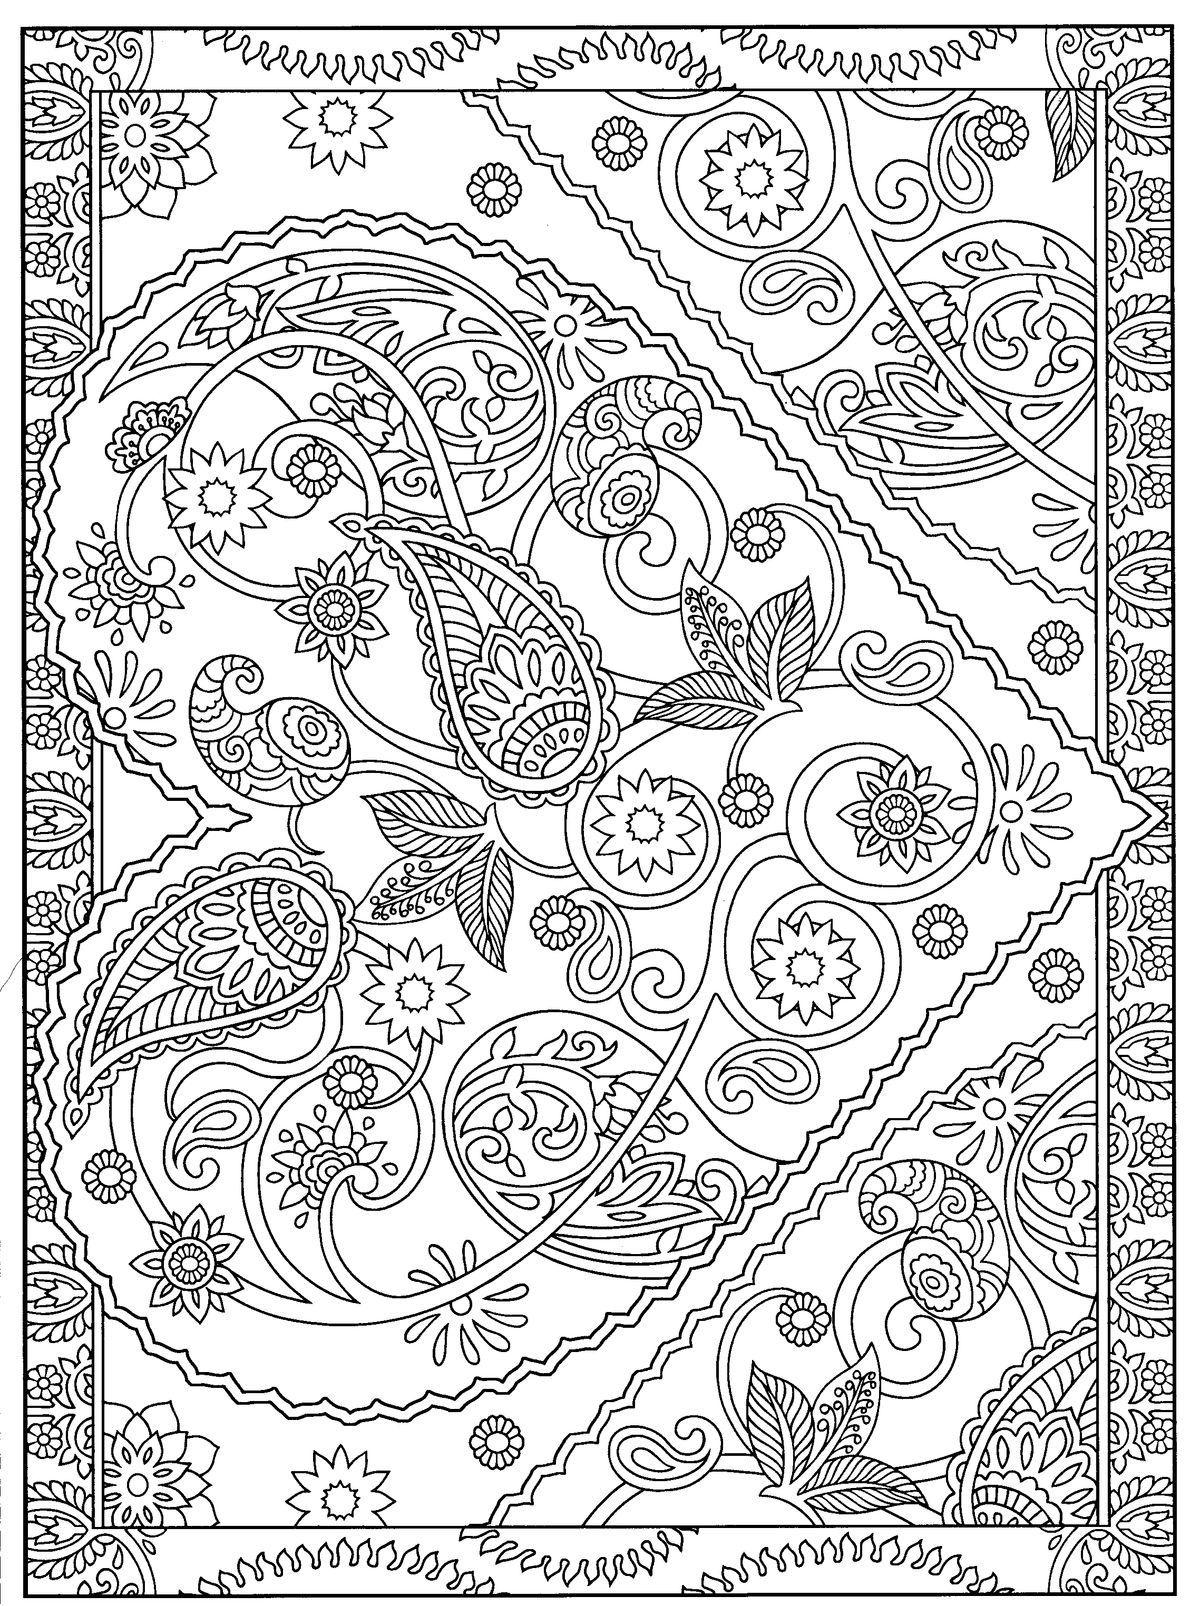 Ausmalbilder Blumen Für Erwachsene : Pin Von Bagoly Katalin Auf Mandala Pinterest Ausmalbilder